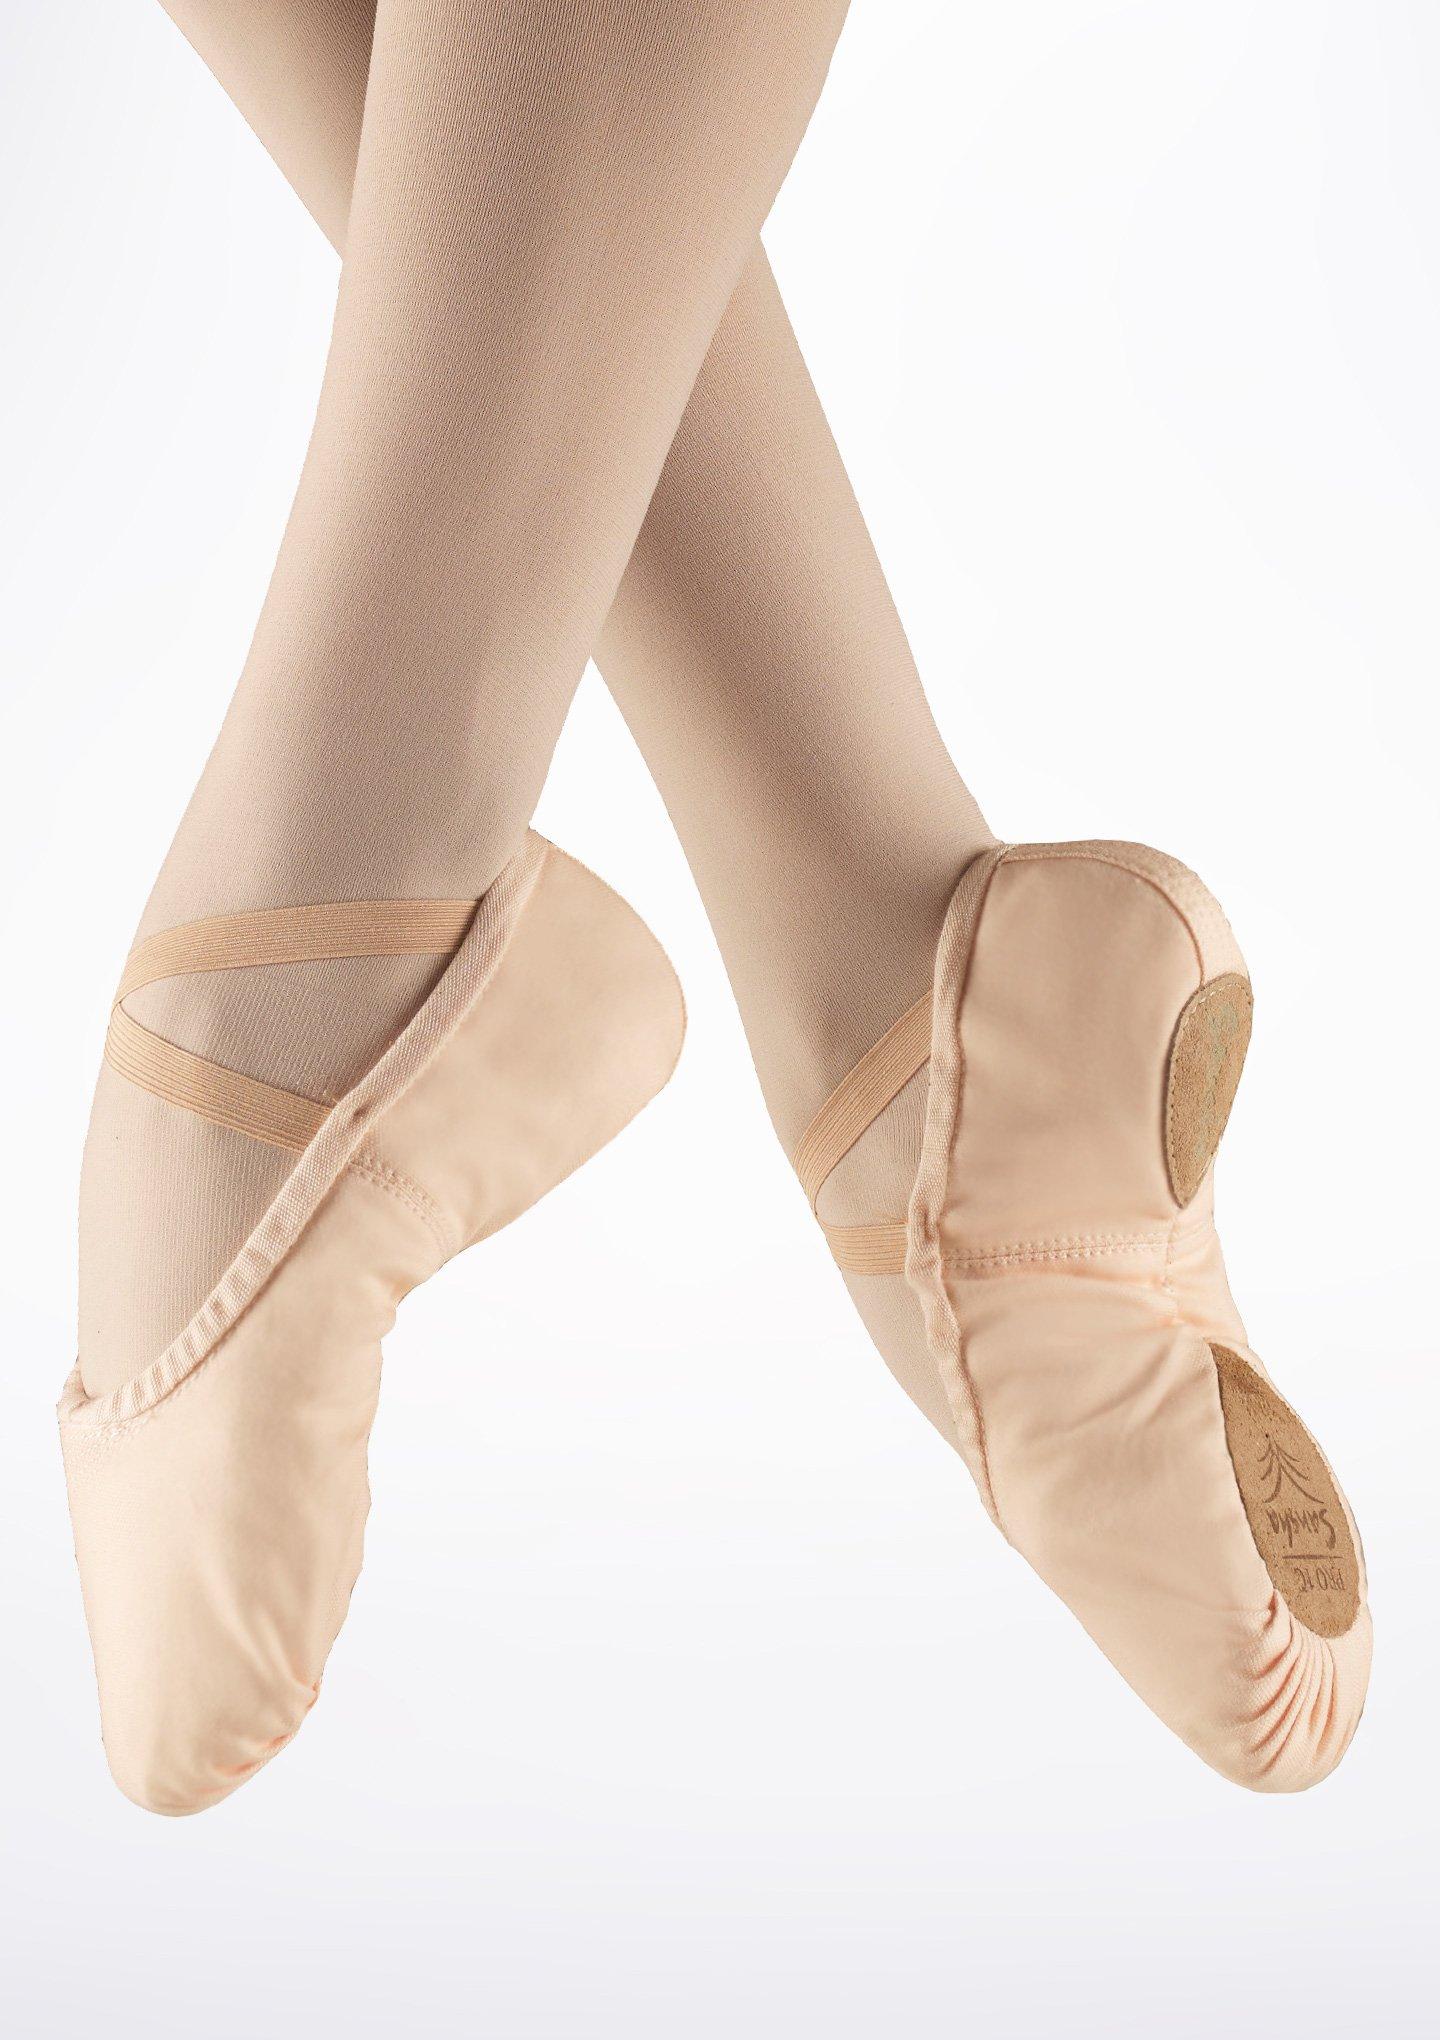 Sansha Pro, balettitossut, puuteri